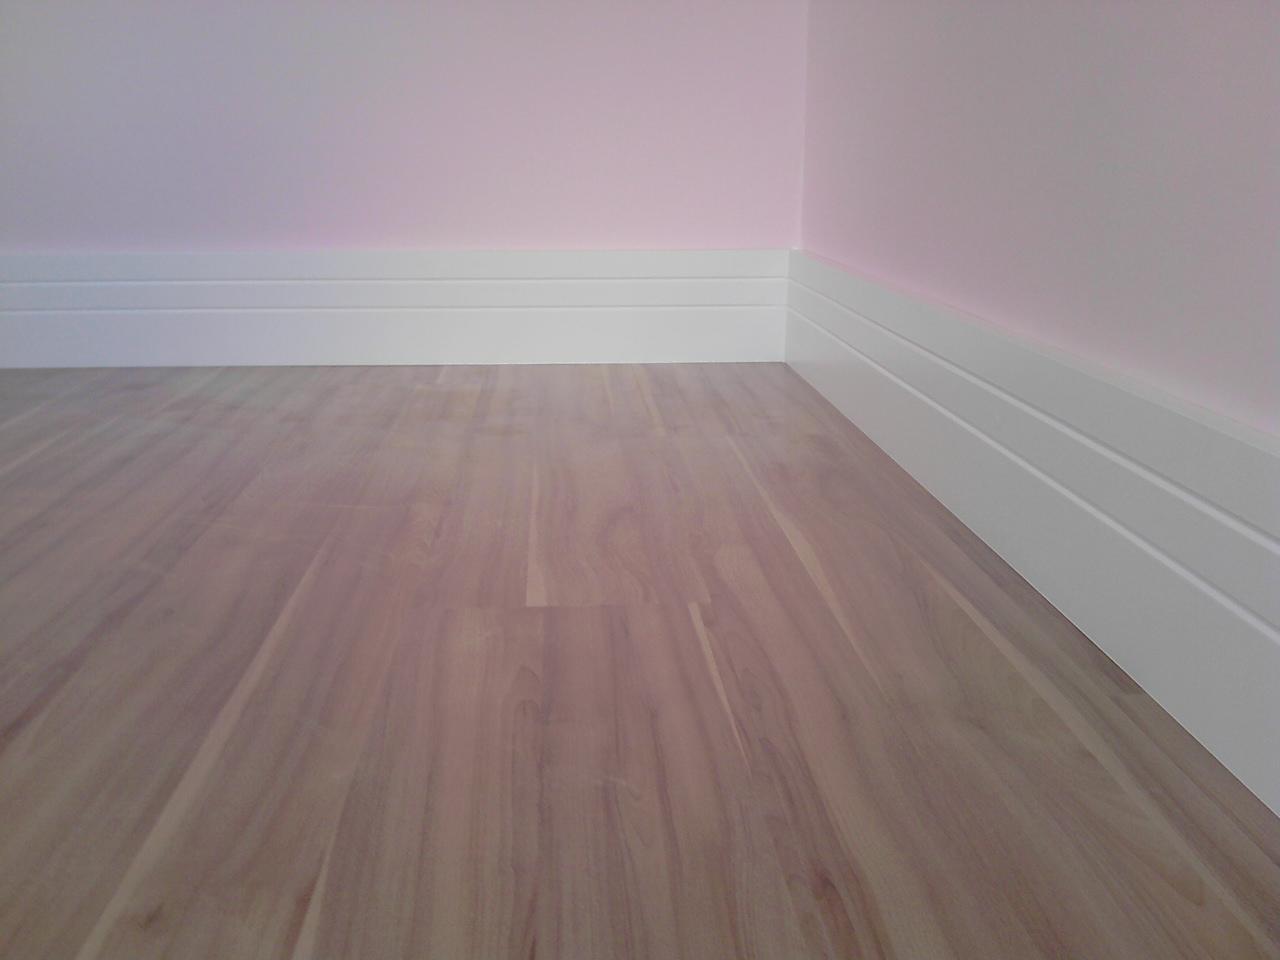 Rafael pereira piso laminado cerezo varese linha home rodap durafloor 15cm - Compartir piso en malta ...